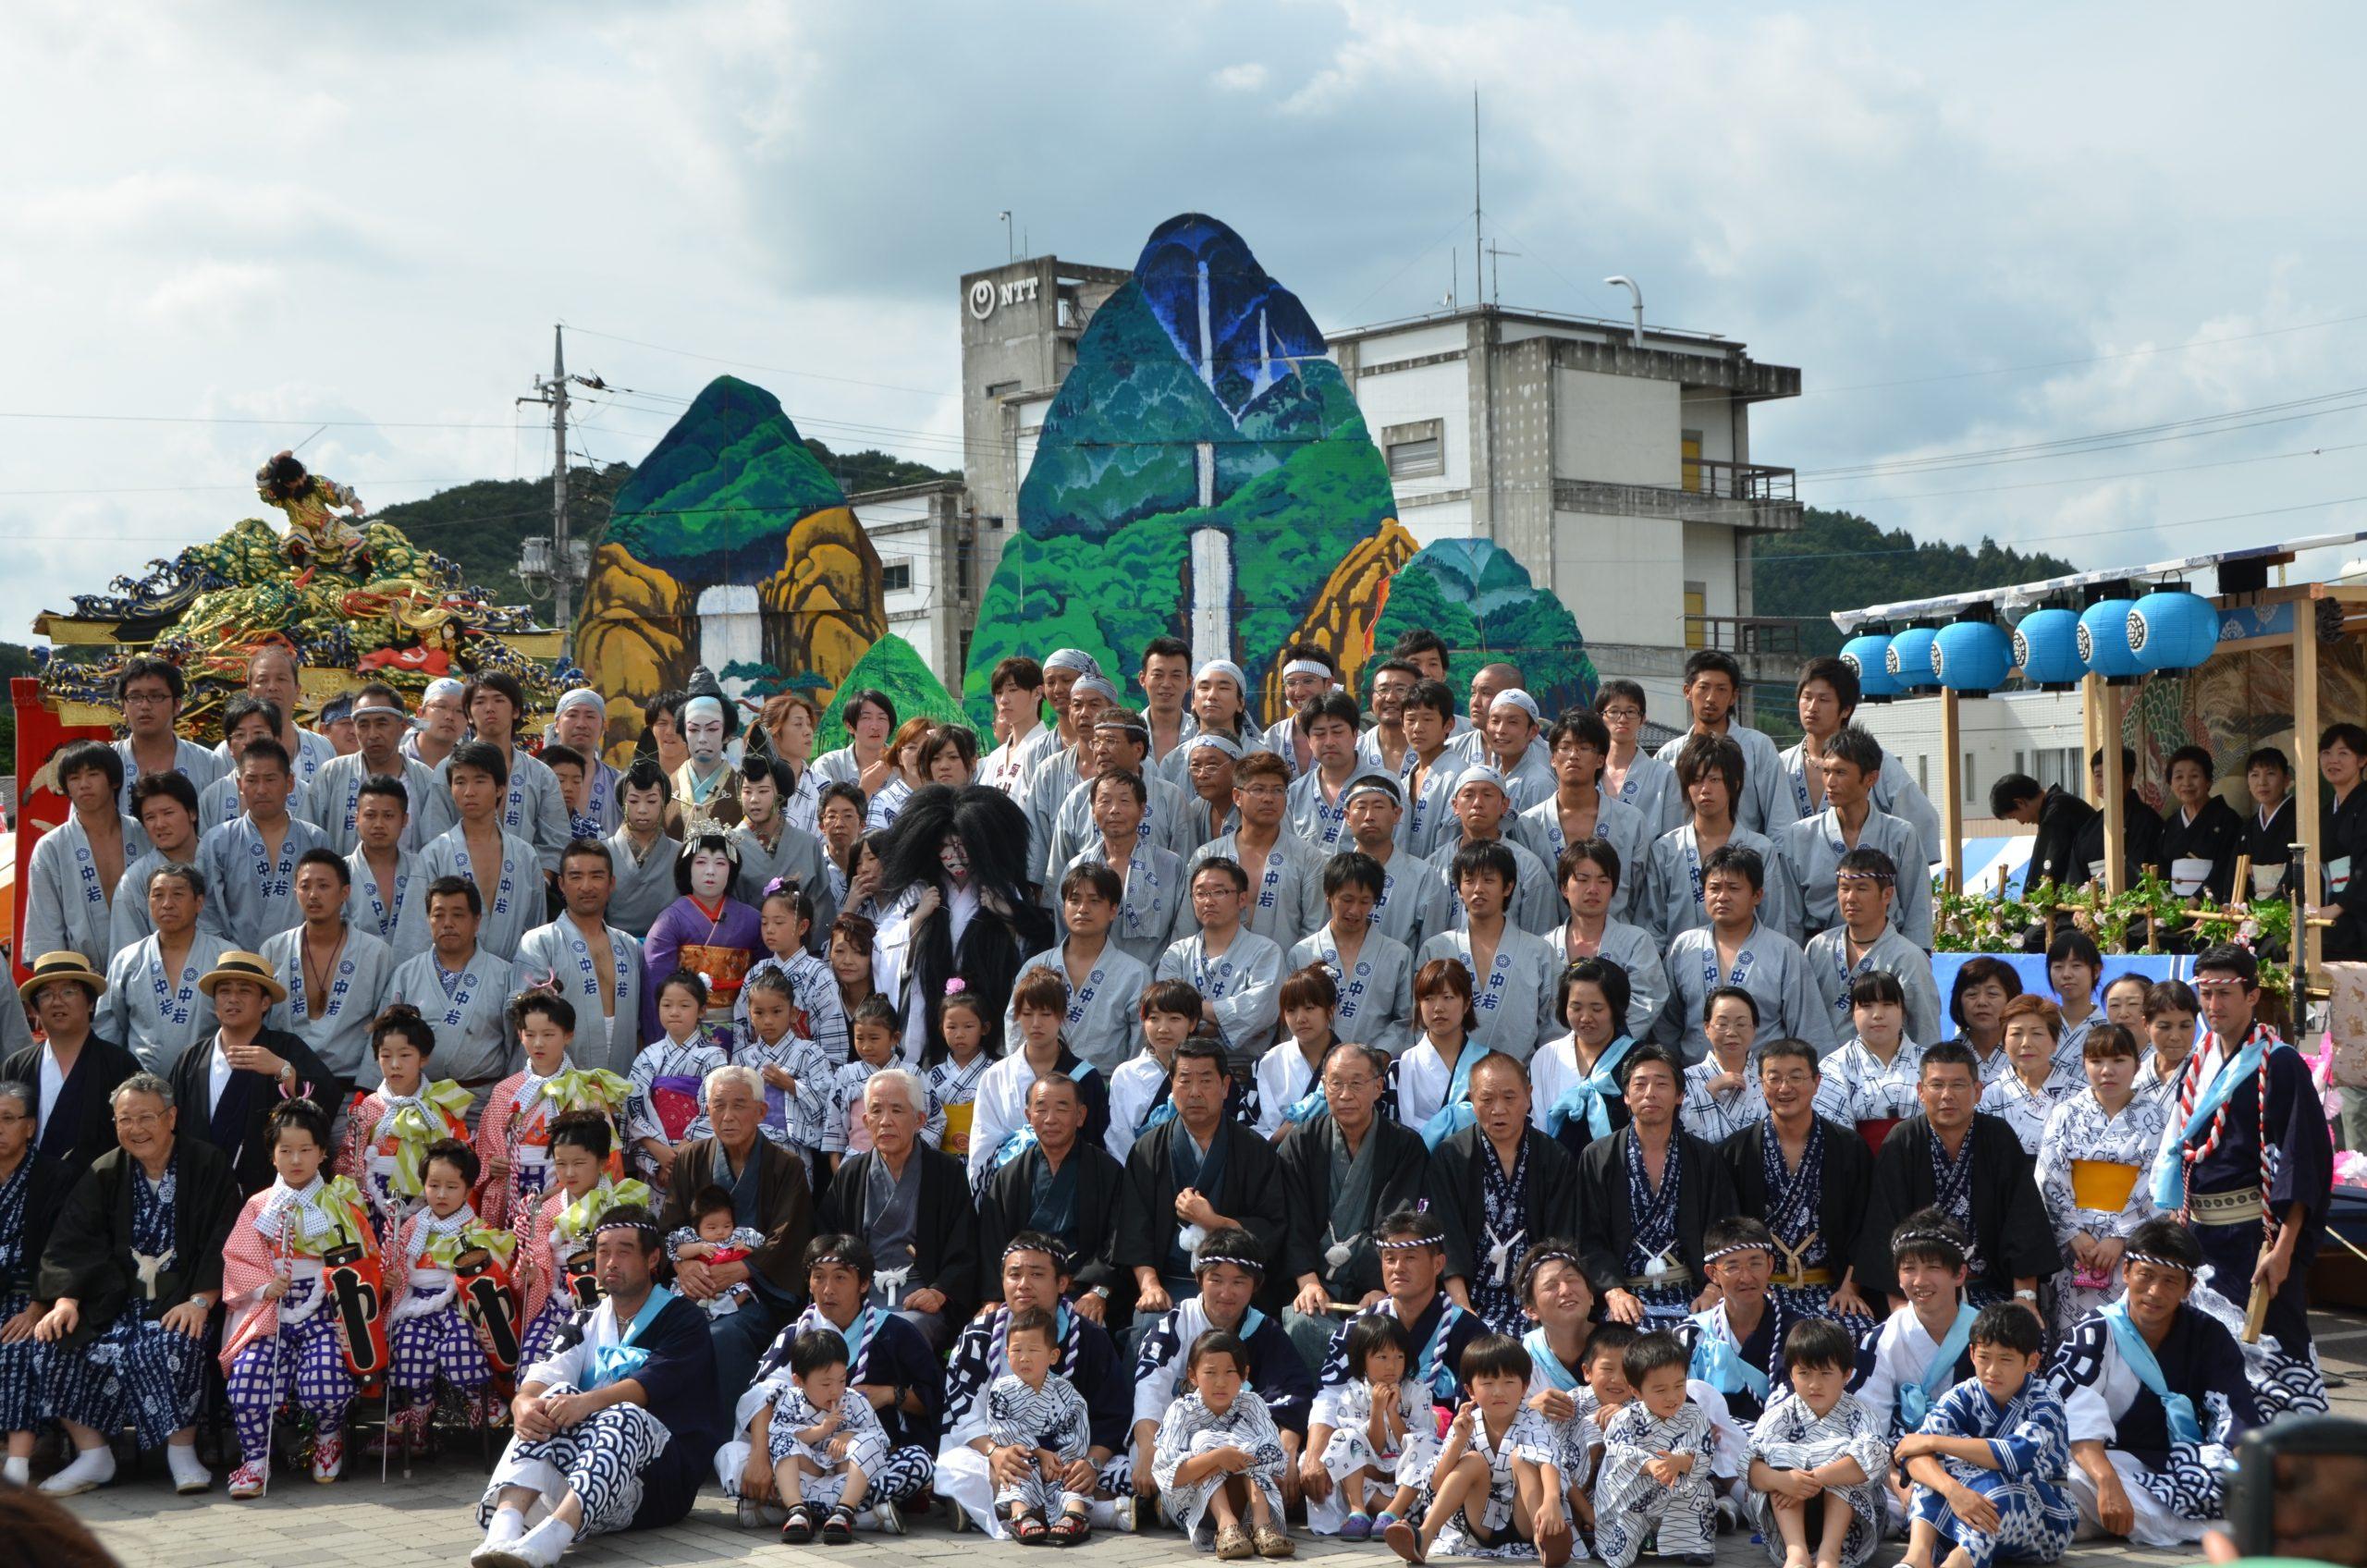 2011年 山あげ祭 仲町 集合写真